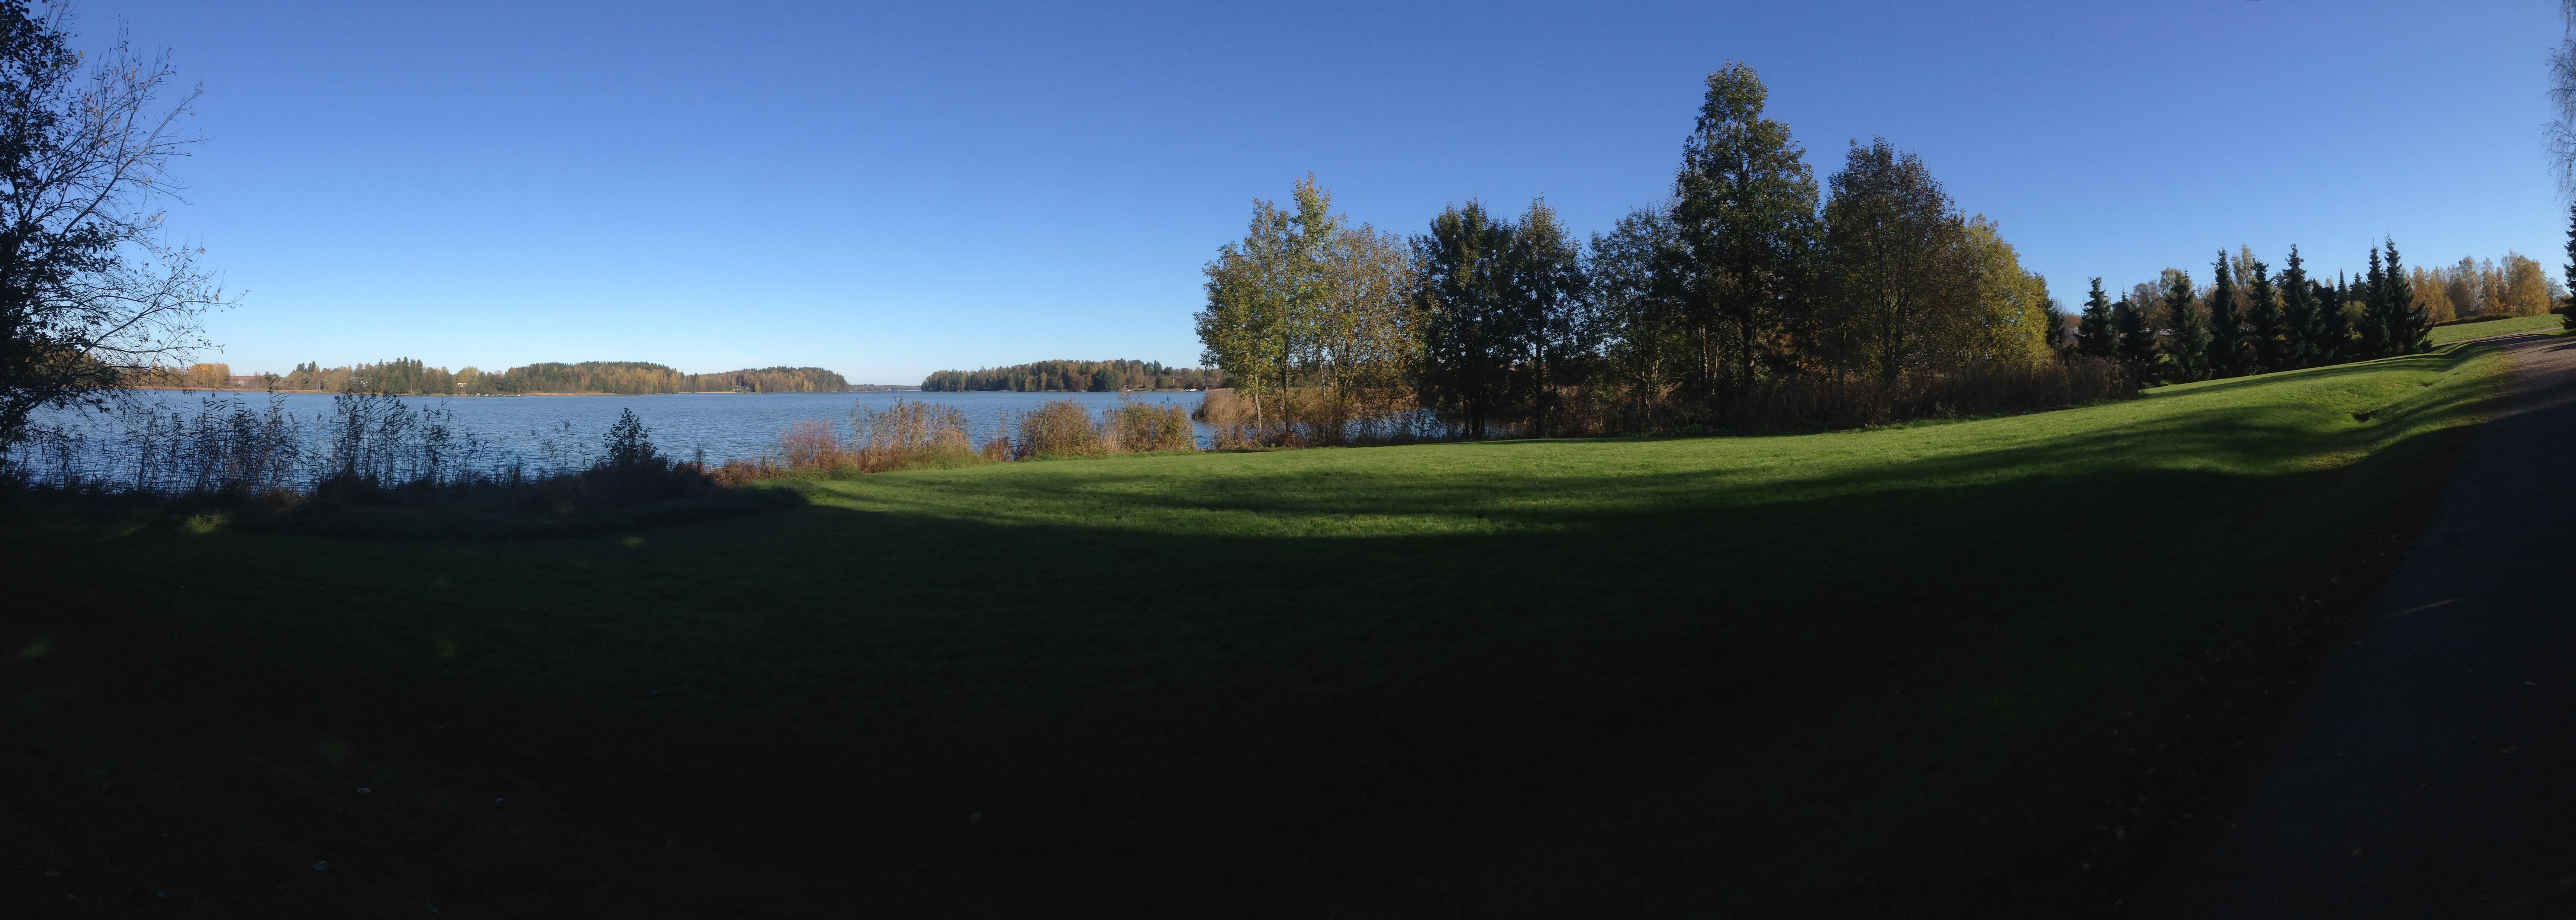 ヘルシンキ・森と湖